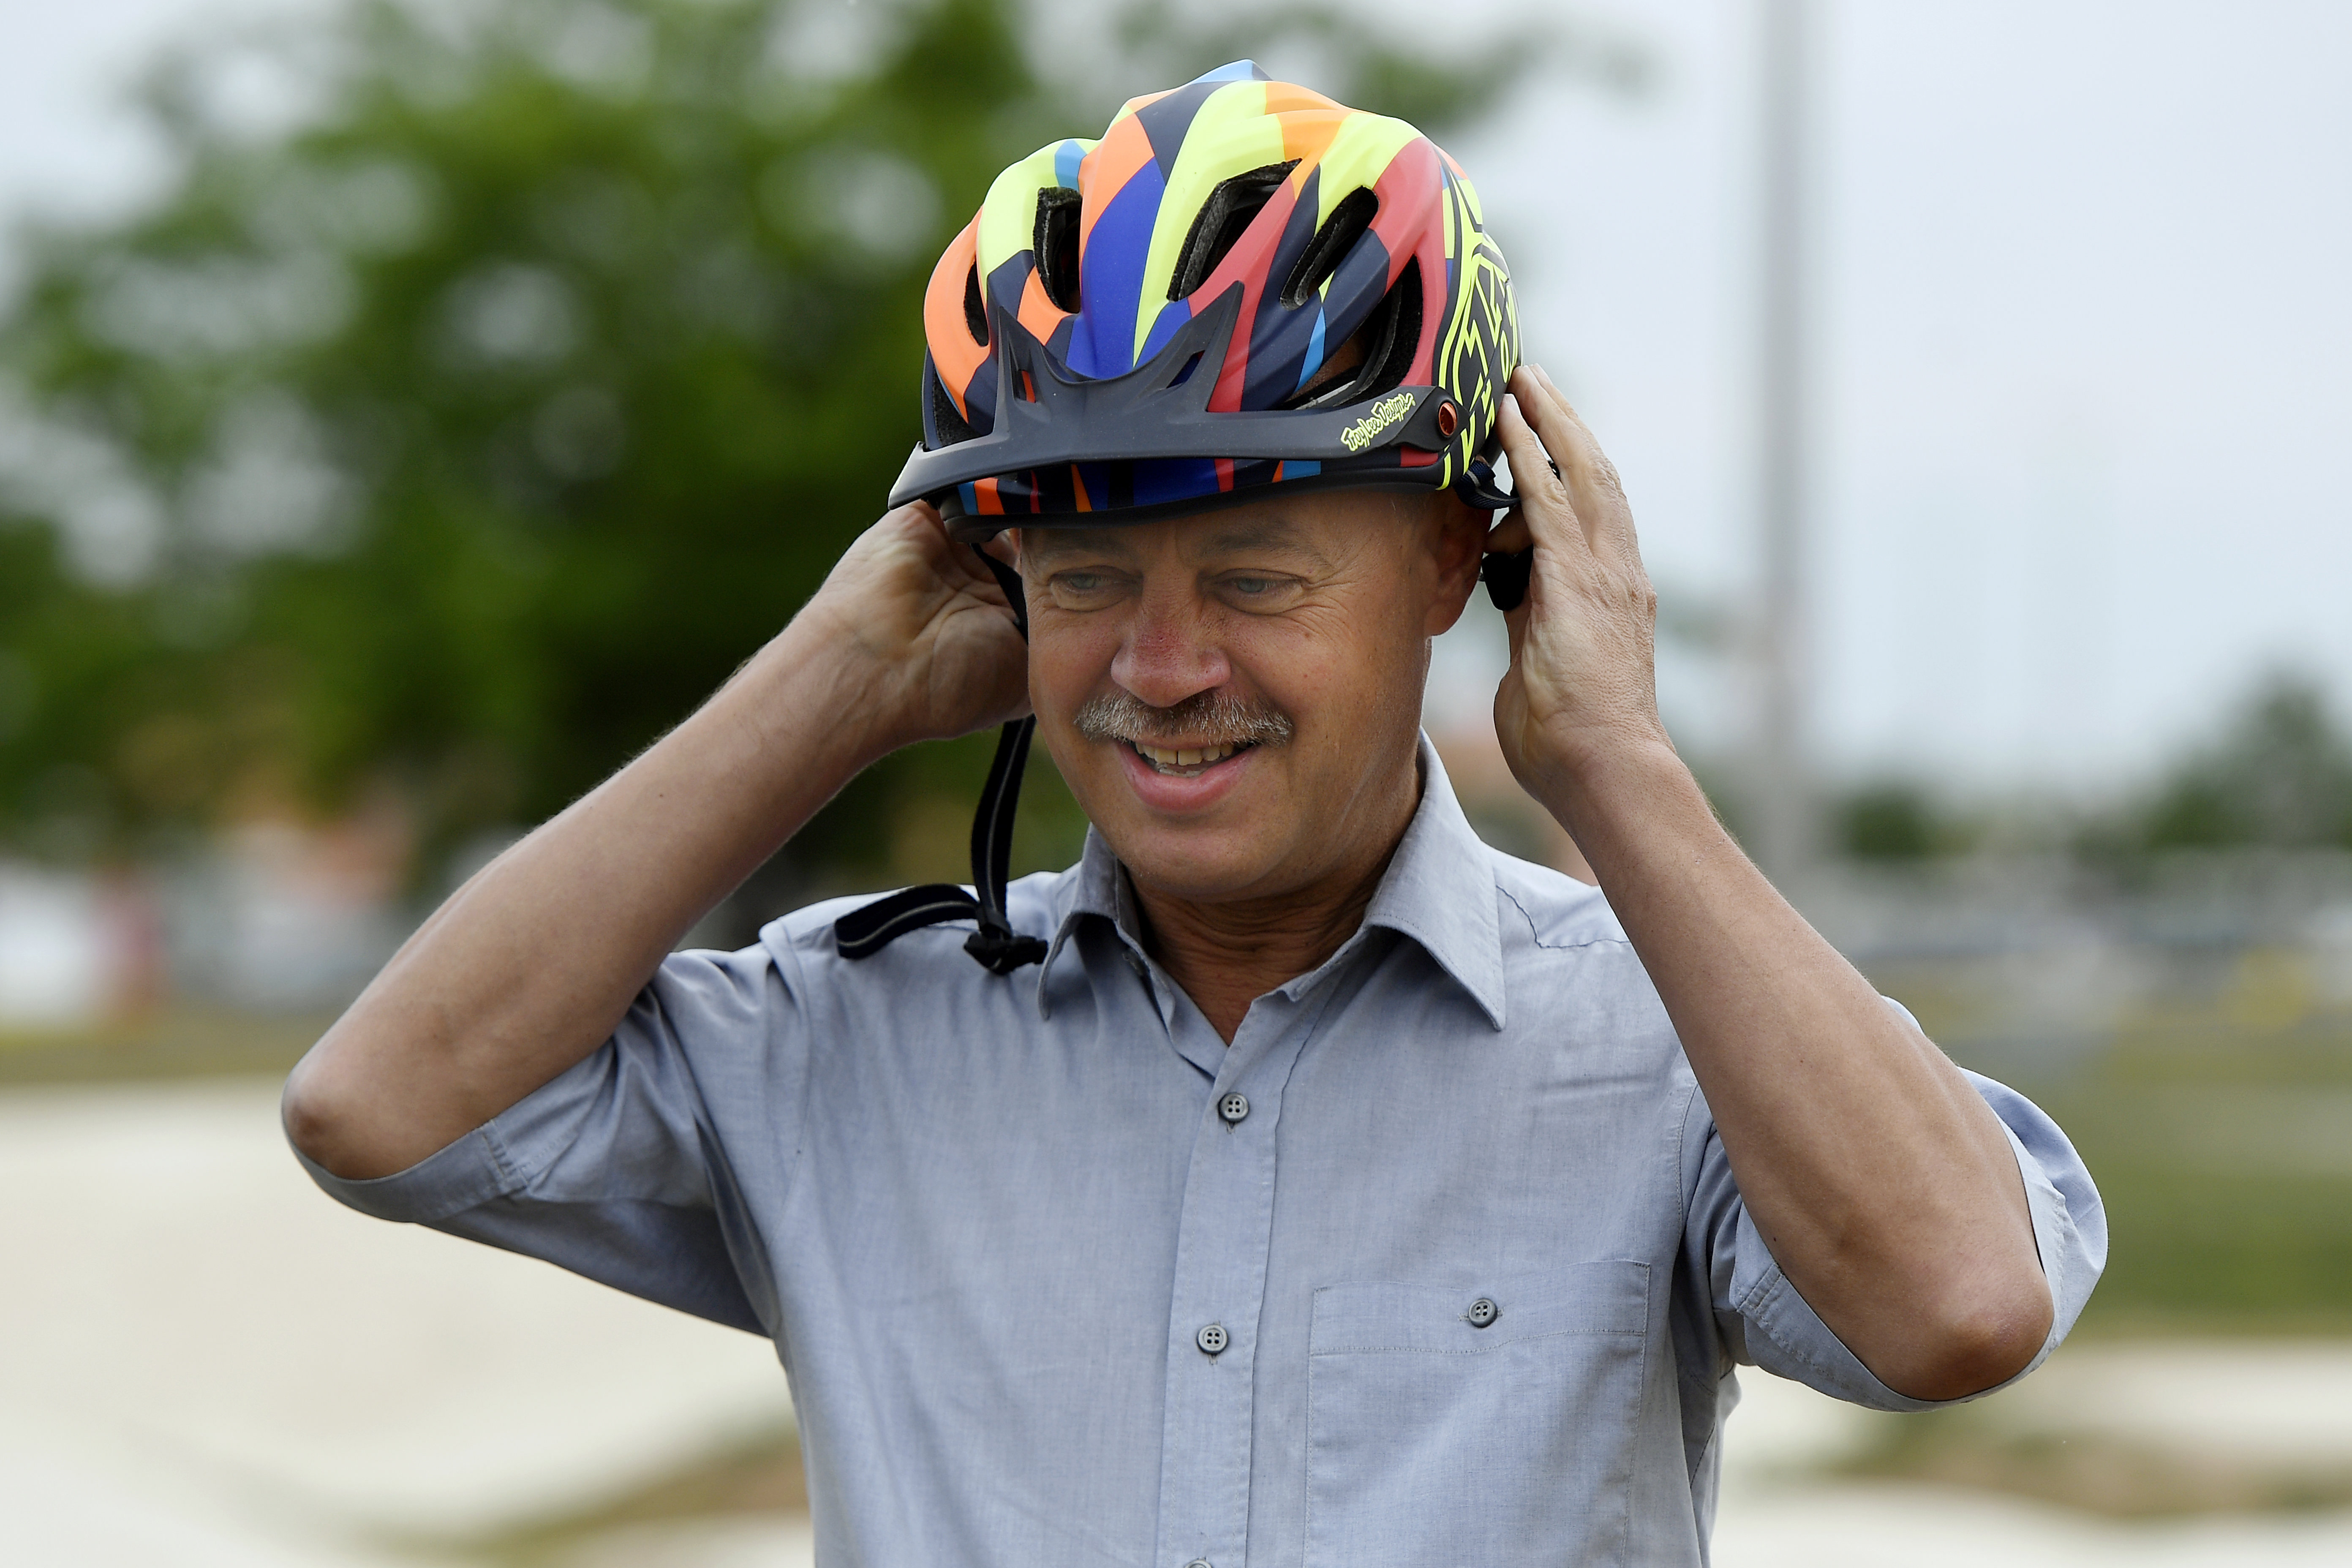 Kerékpáros szervezetek kérik a kormányt, hogy a bicikliszervizek is nyitva maradhassanak